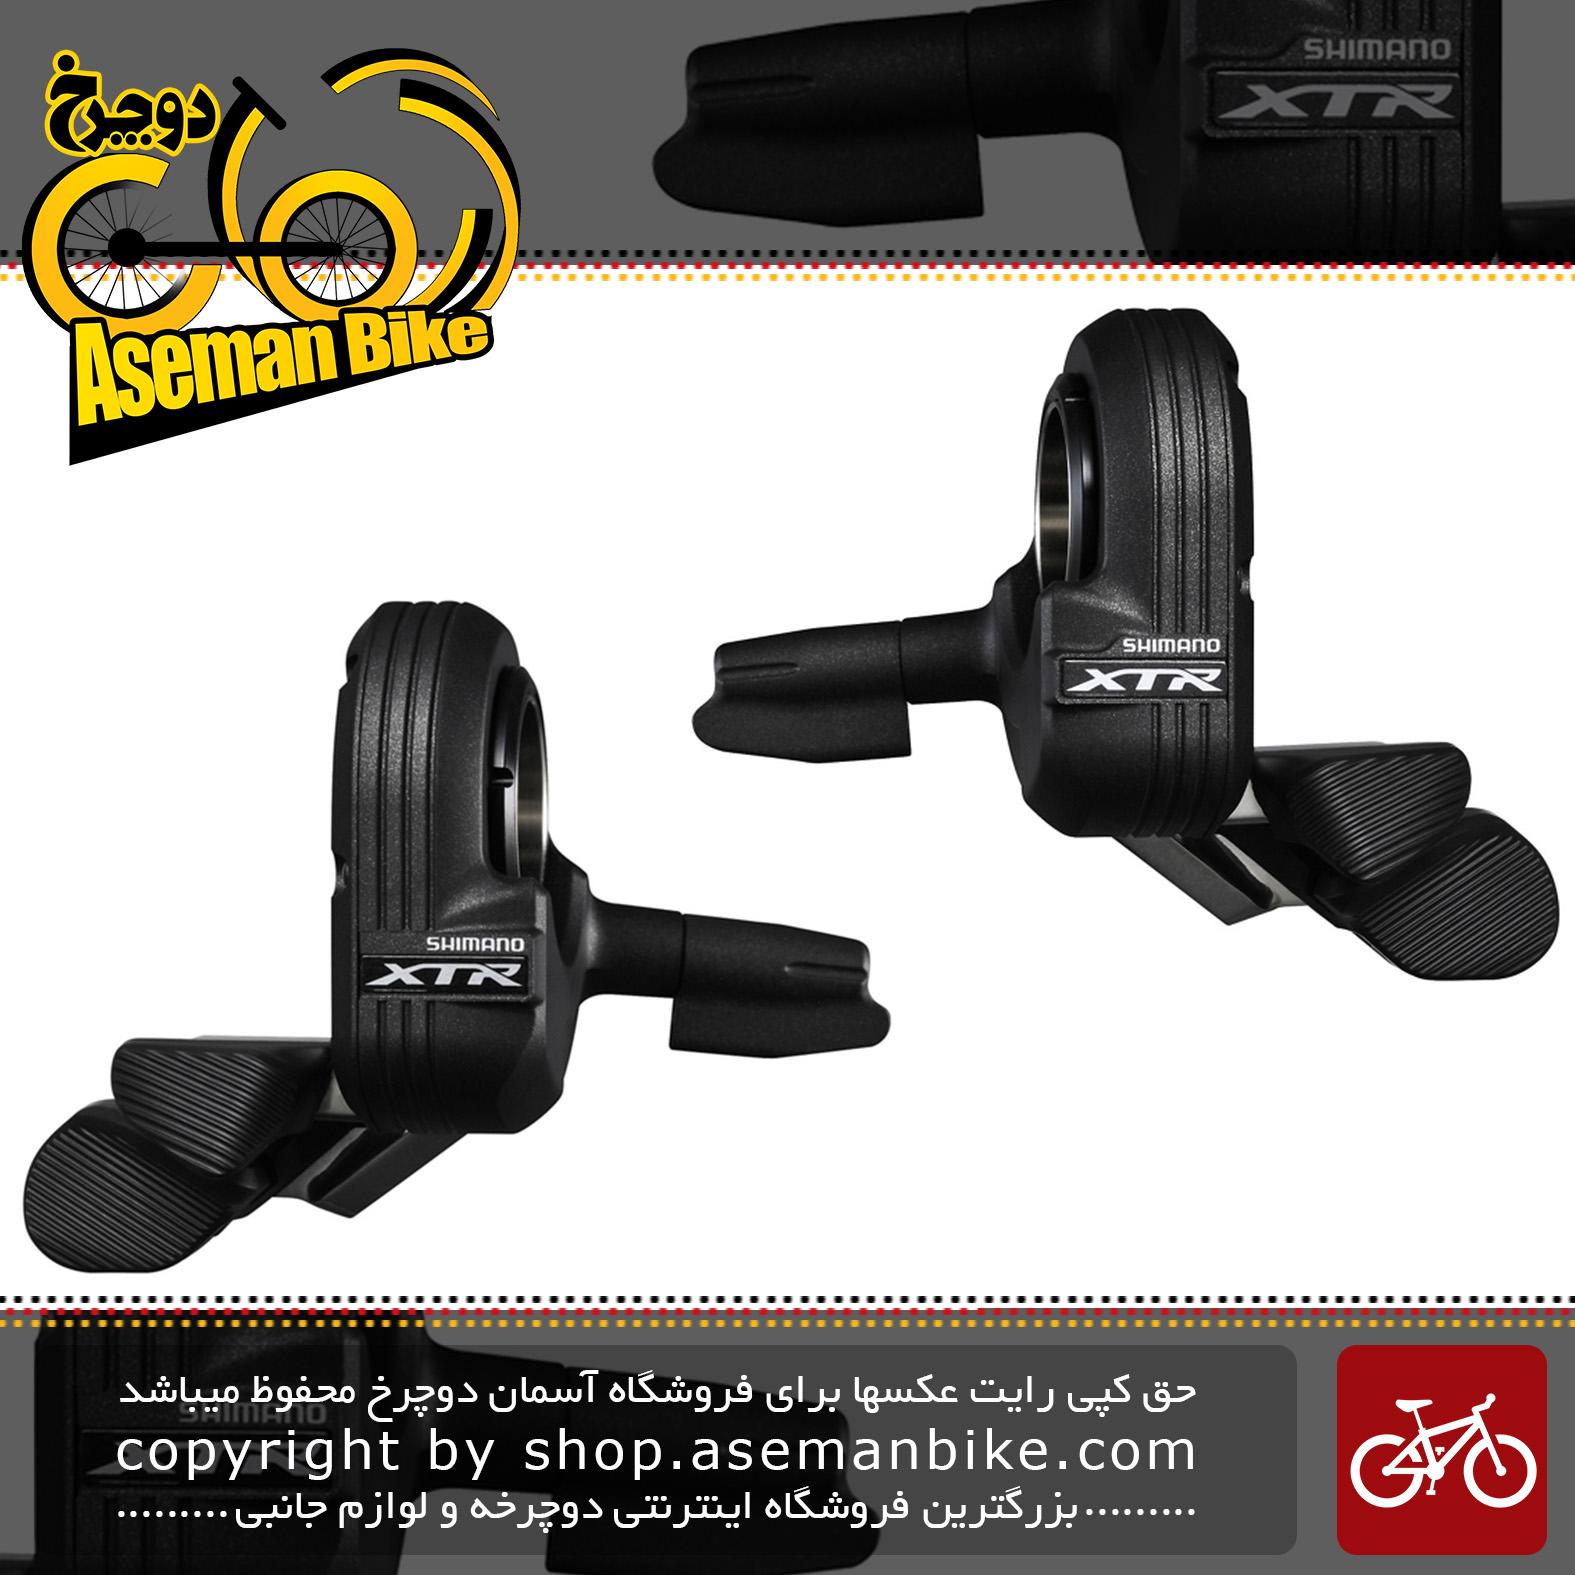 دسته دنده سیستم برقی الکتریکی دوچرخه شیمانو ایکس تی آر ژاپن 2/3 در 11 سرعته ام 9050 Shimano XTR Di2 SW-M9050 2-3x11 Speed ShifterJapan